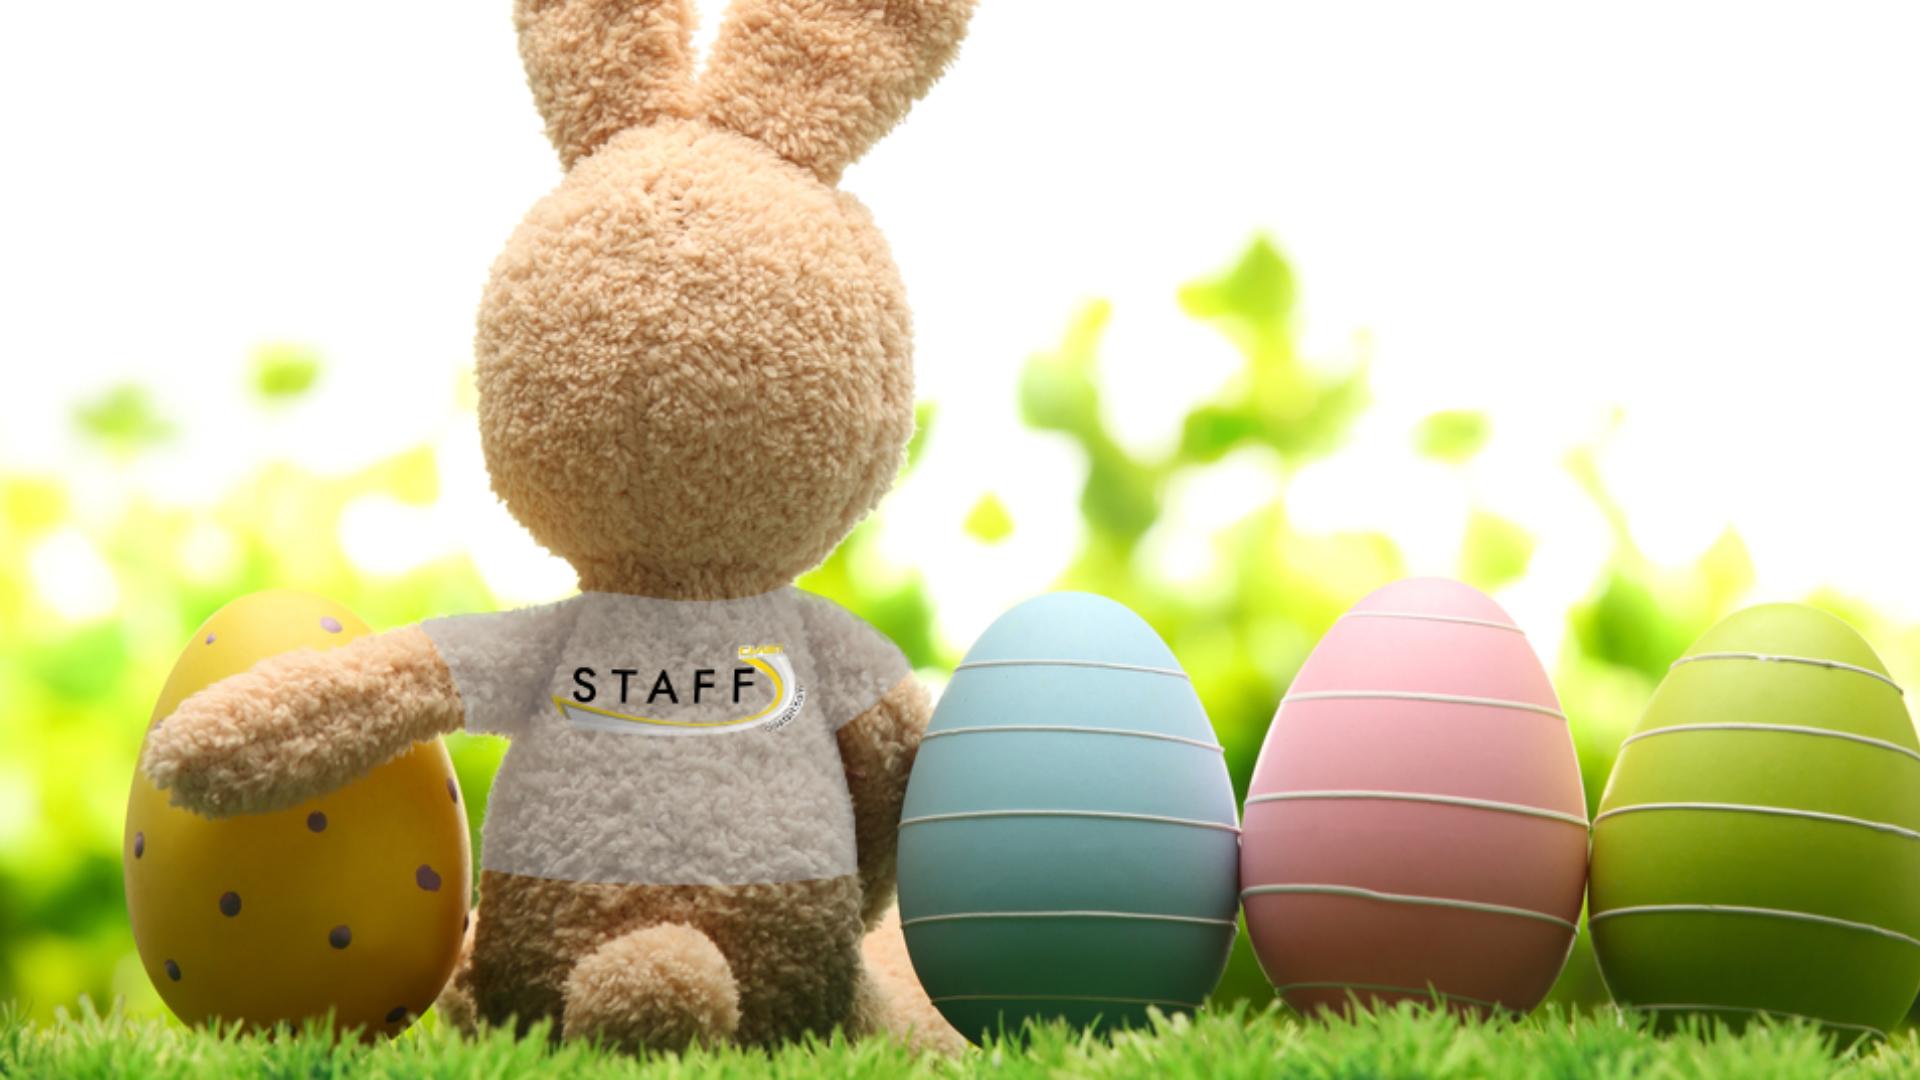 pasqua 2018 Buona Pasqua! | Clast srl: porte, portoni, sicurezza, cancelli, automazioni. Via Soncino 5, Trescore Cremasco